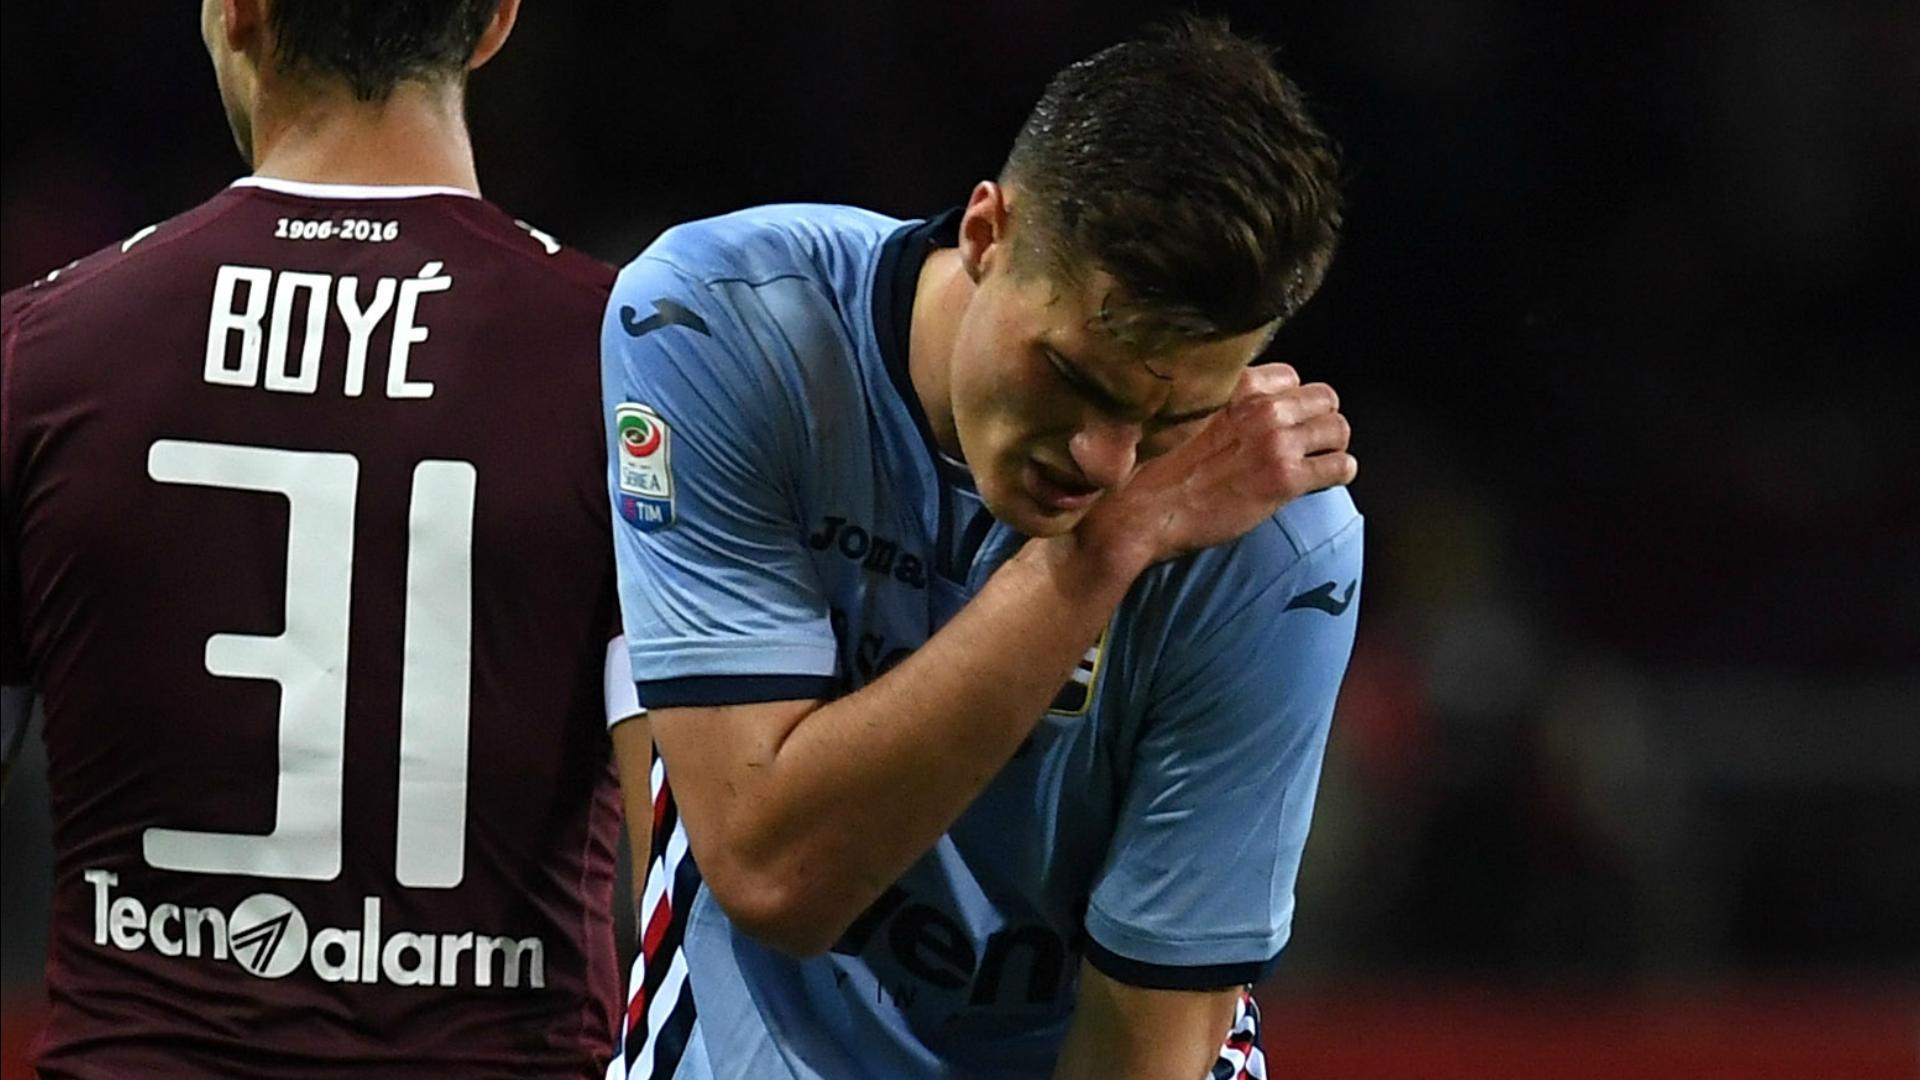 Calciomercato, Juventus: problemi per Schick, i bianconeri ora offrono un prestito